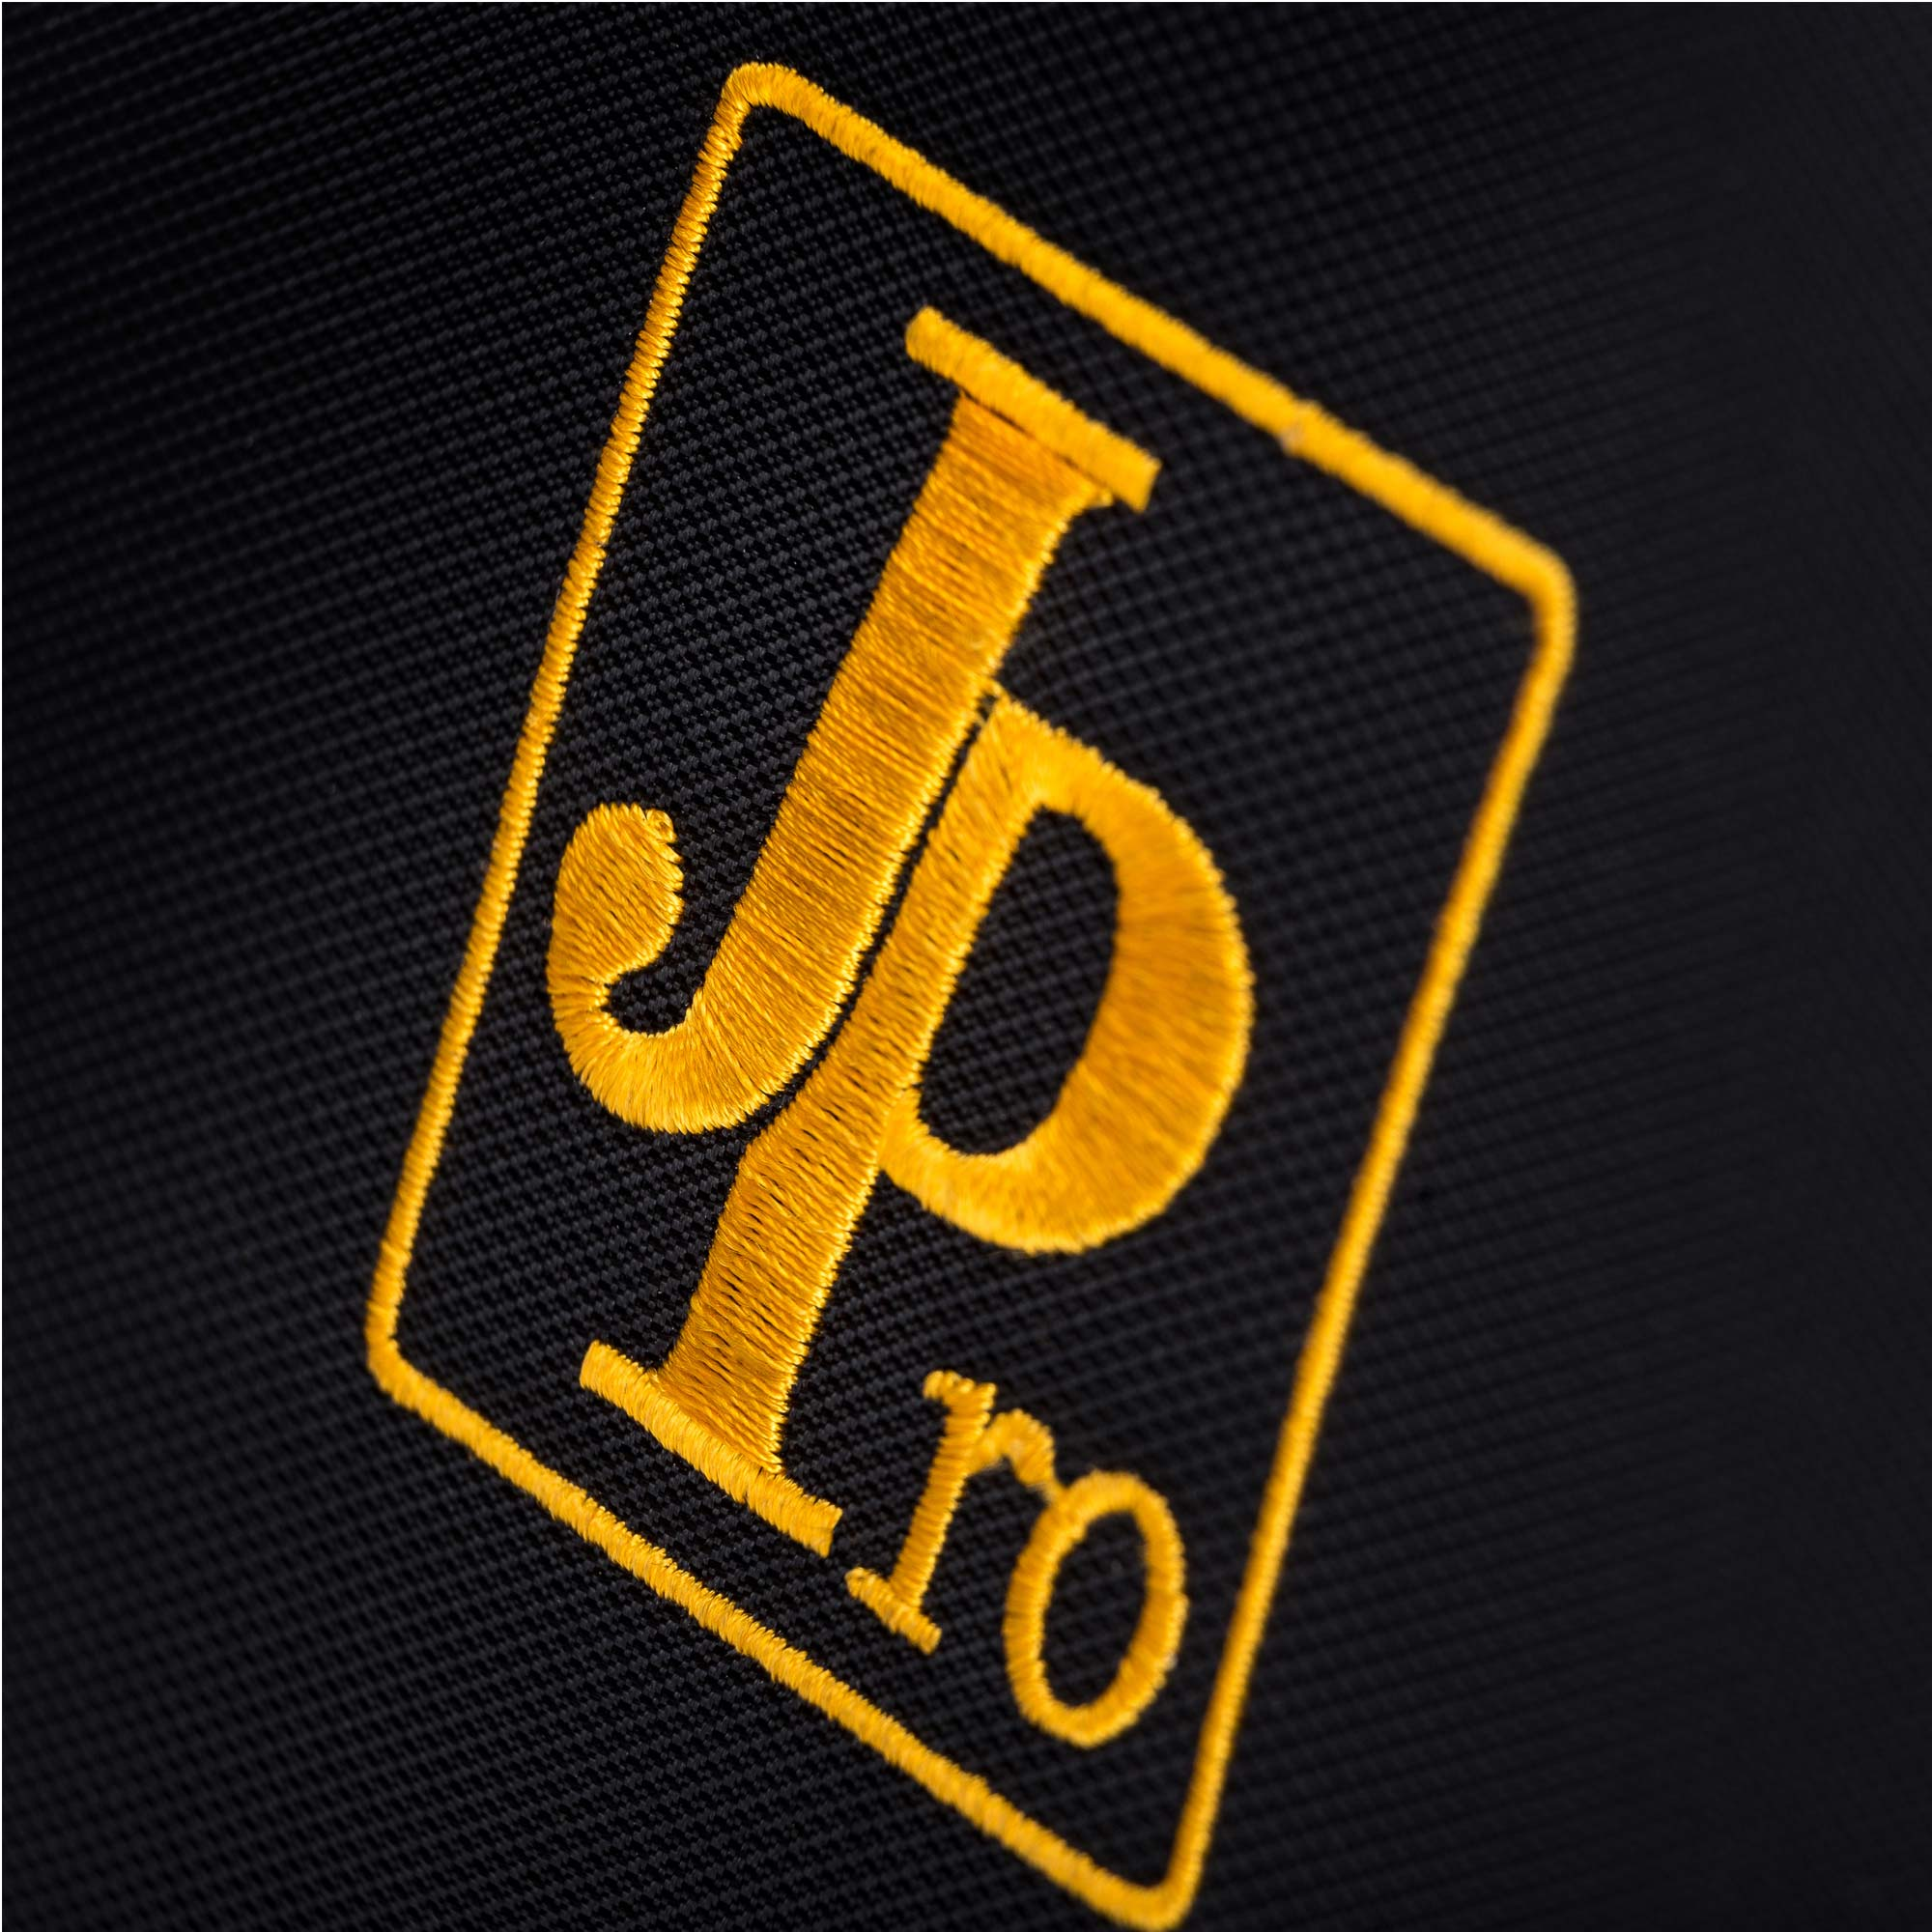 jp351sw-hw-instrument-logo-shot.jpg